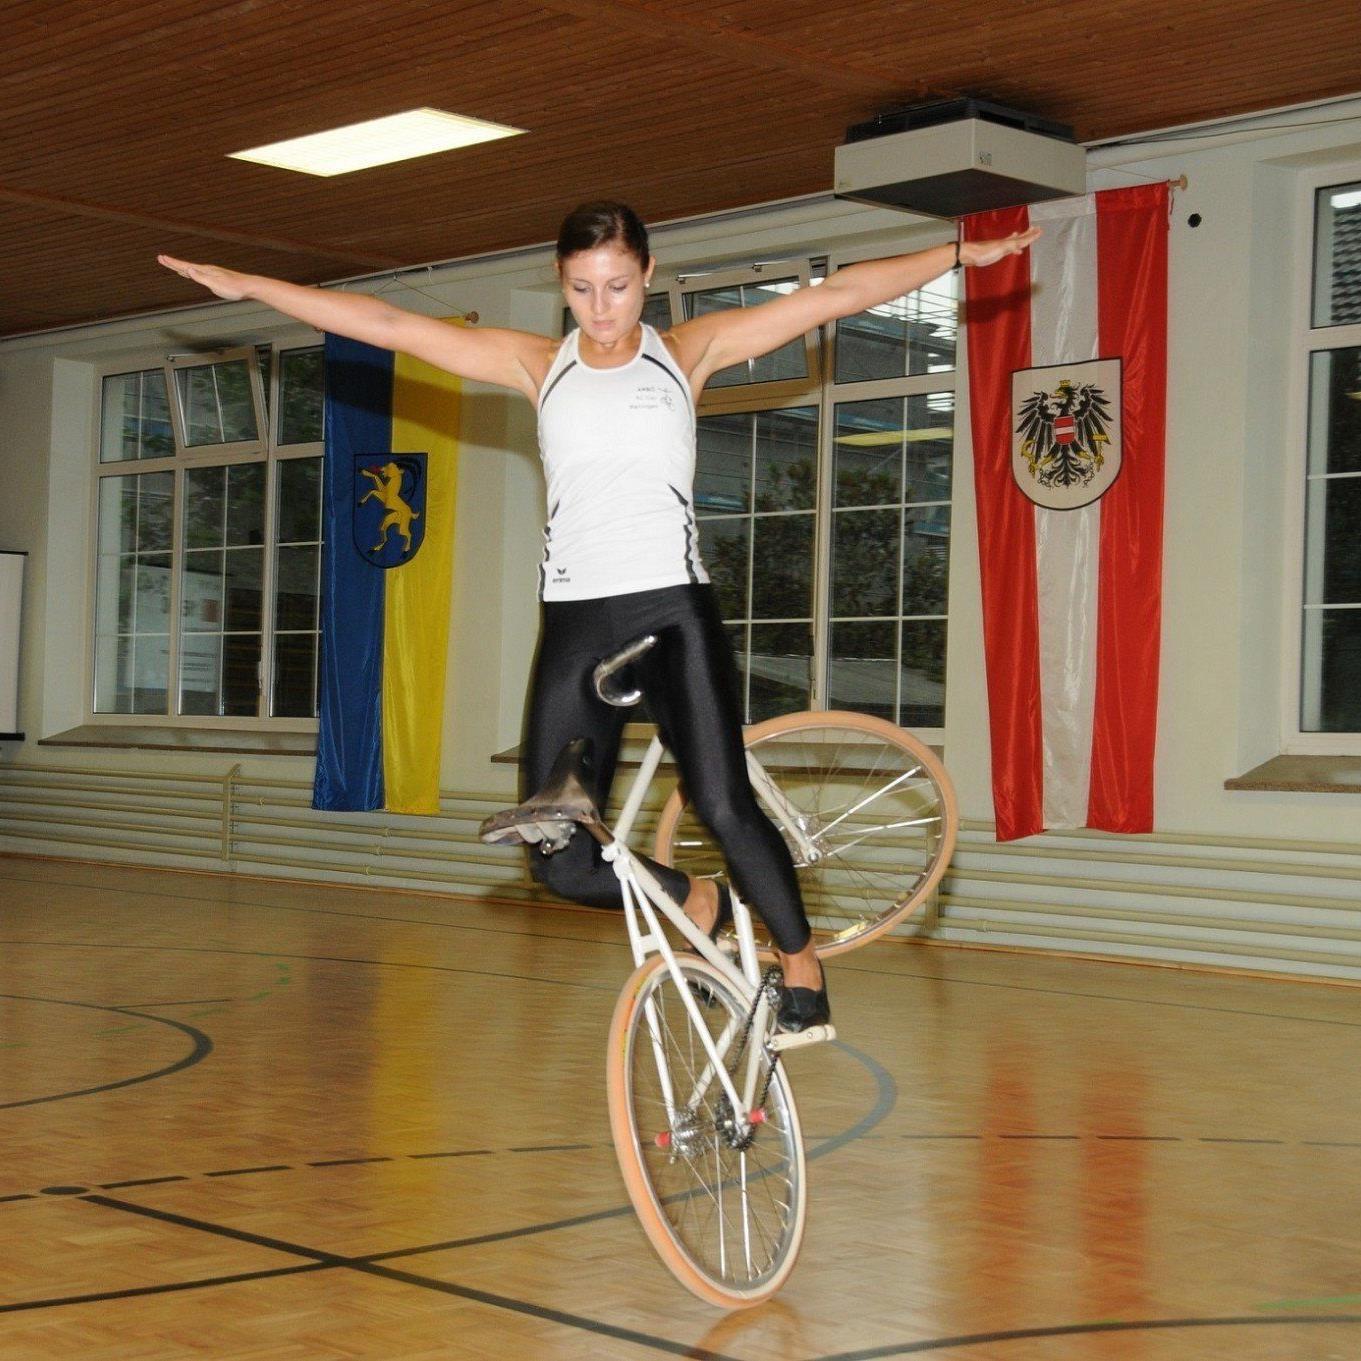 Die Meiningerin Adriana Mathis hat in der Radsporthalle Hohenems beim Ems-Cup überzeugt.